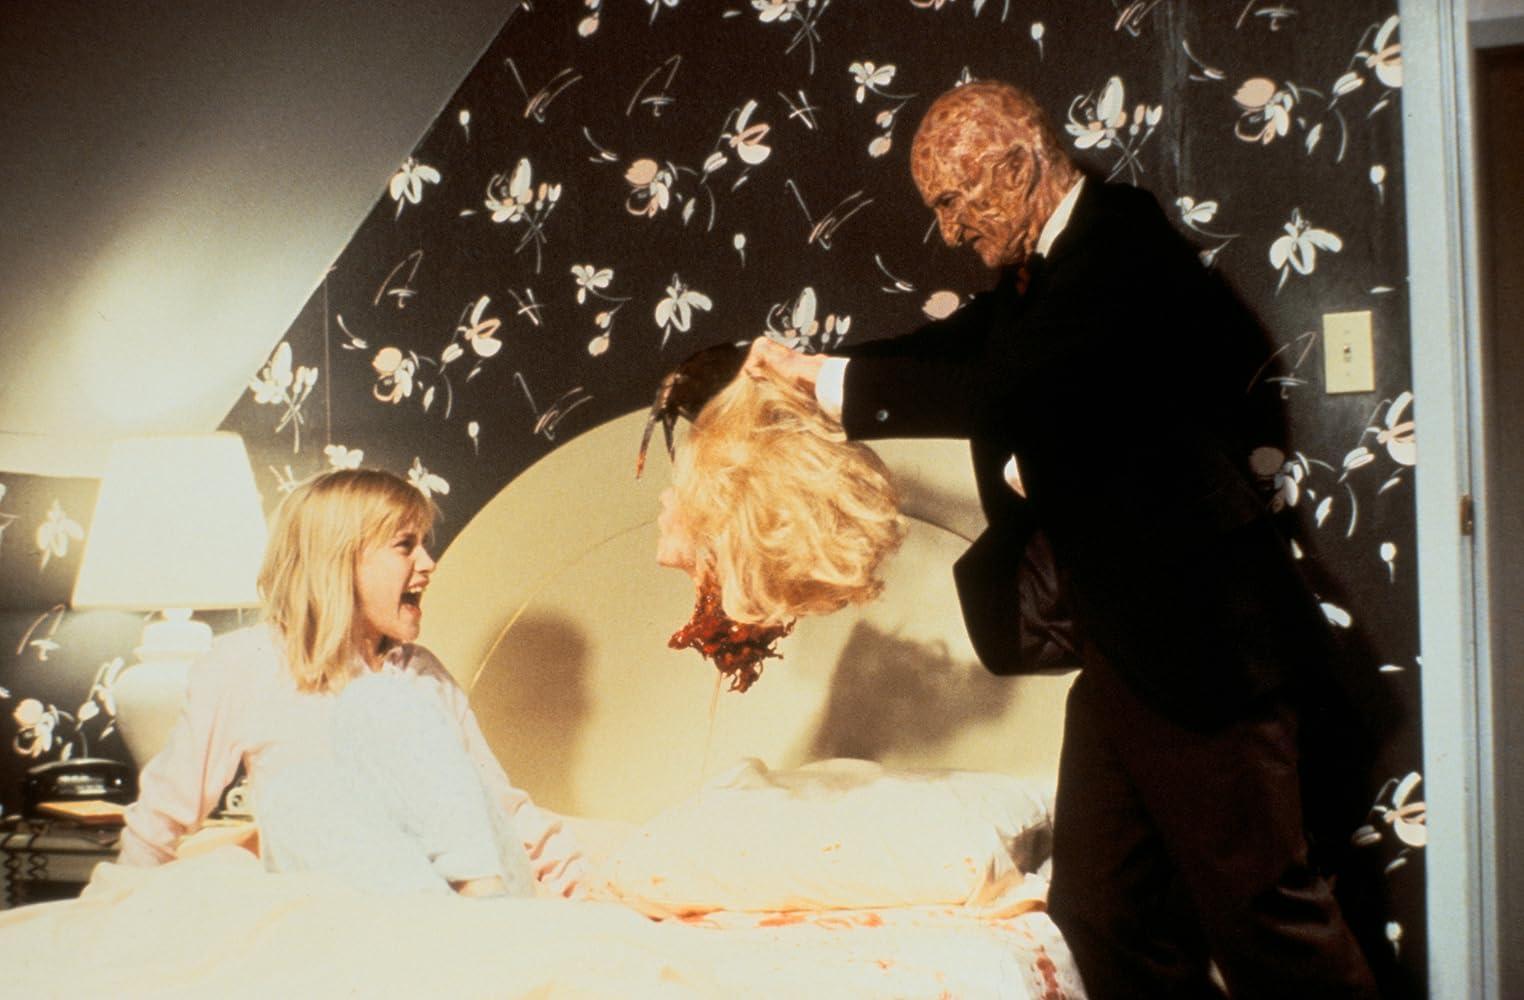 Патриция Аркетт и Роберт Энглунд в Кошмаре на улице Вязов 3: Воины мечты (1987)